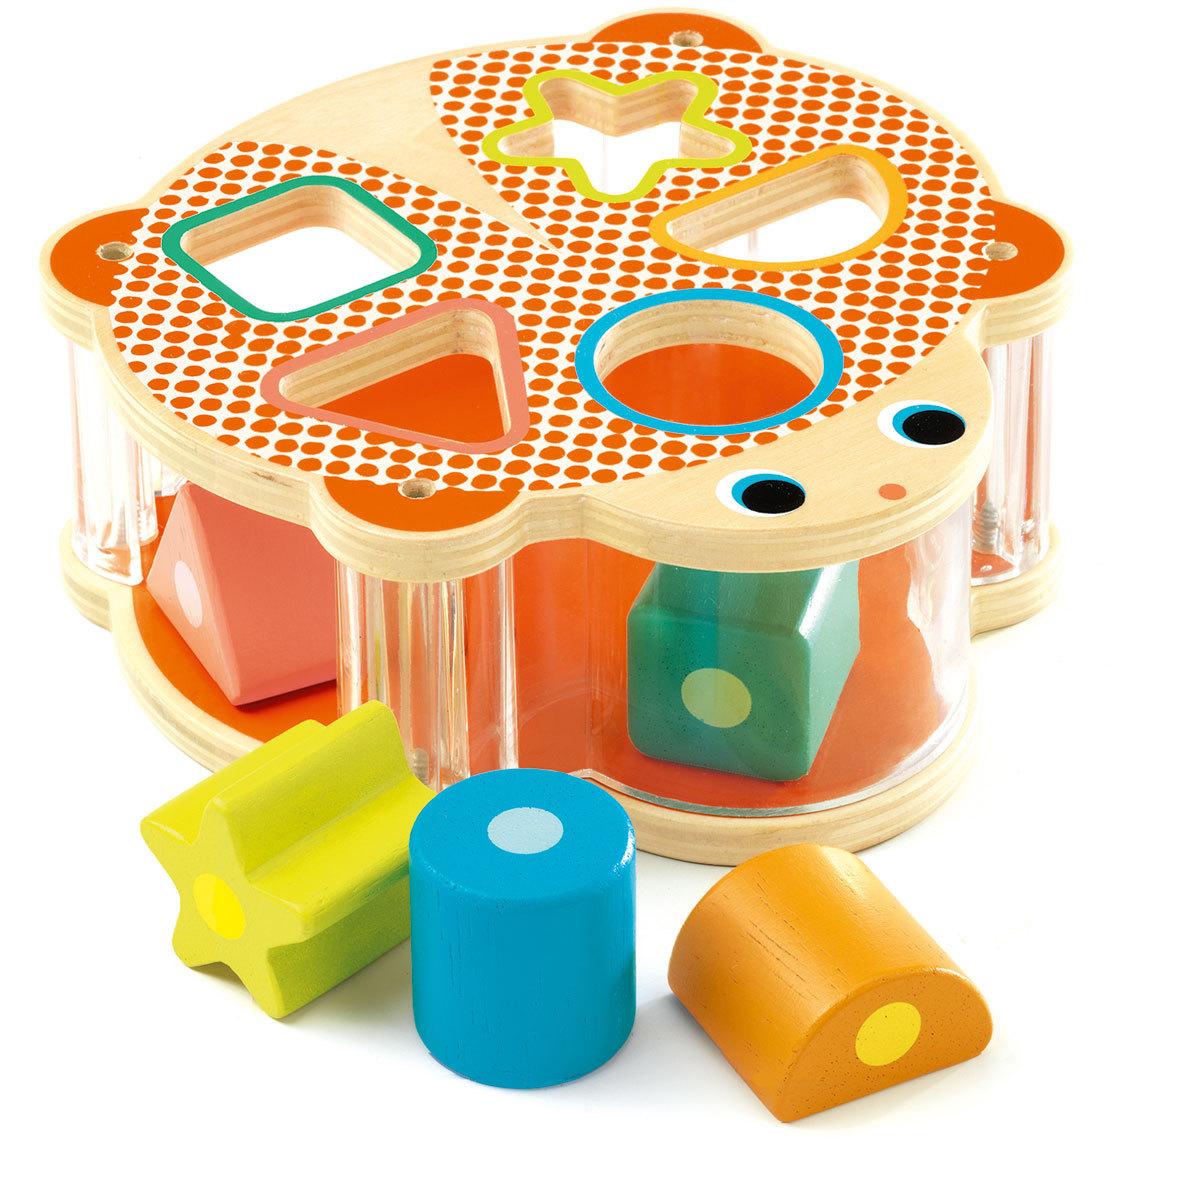 Mes premiers jouets Tuvoitou - Boite à Formes Tuvoitou - Boite à Formes